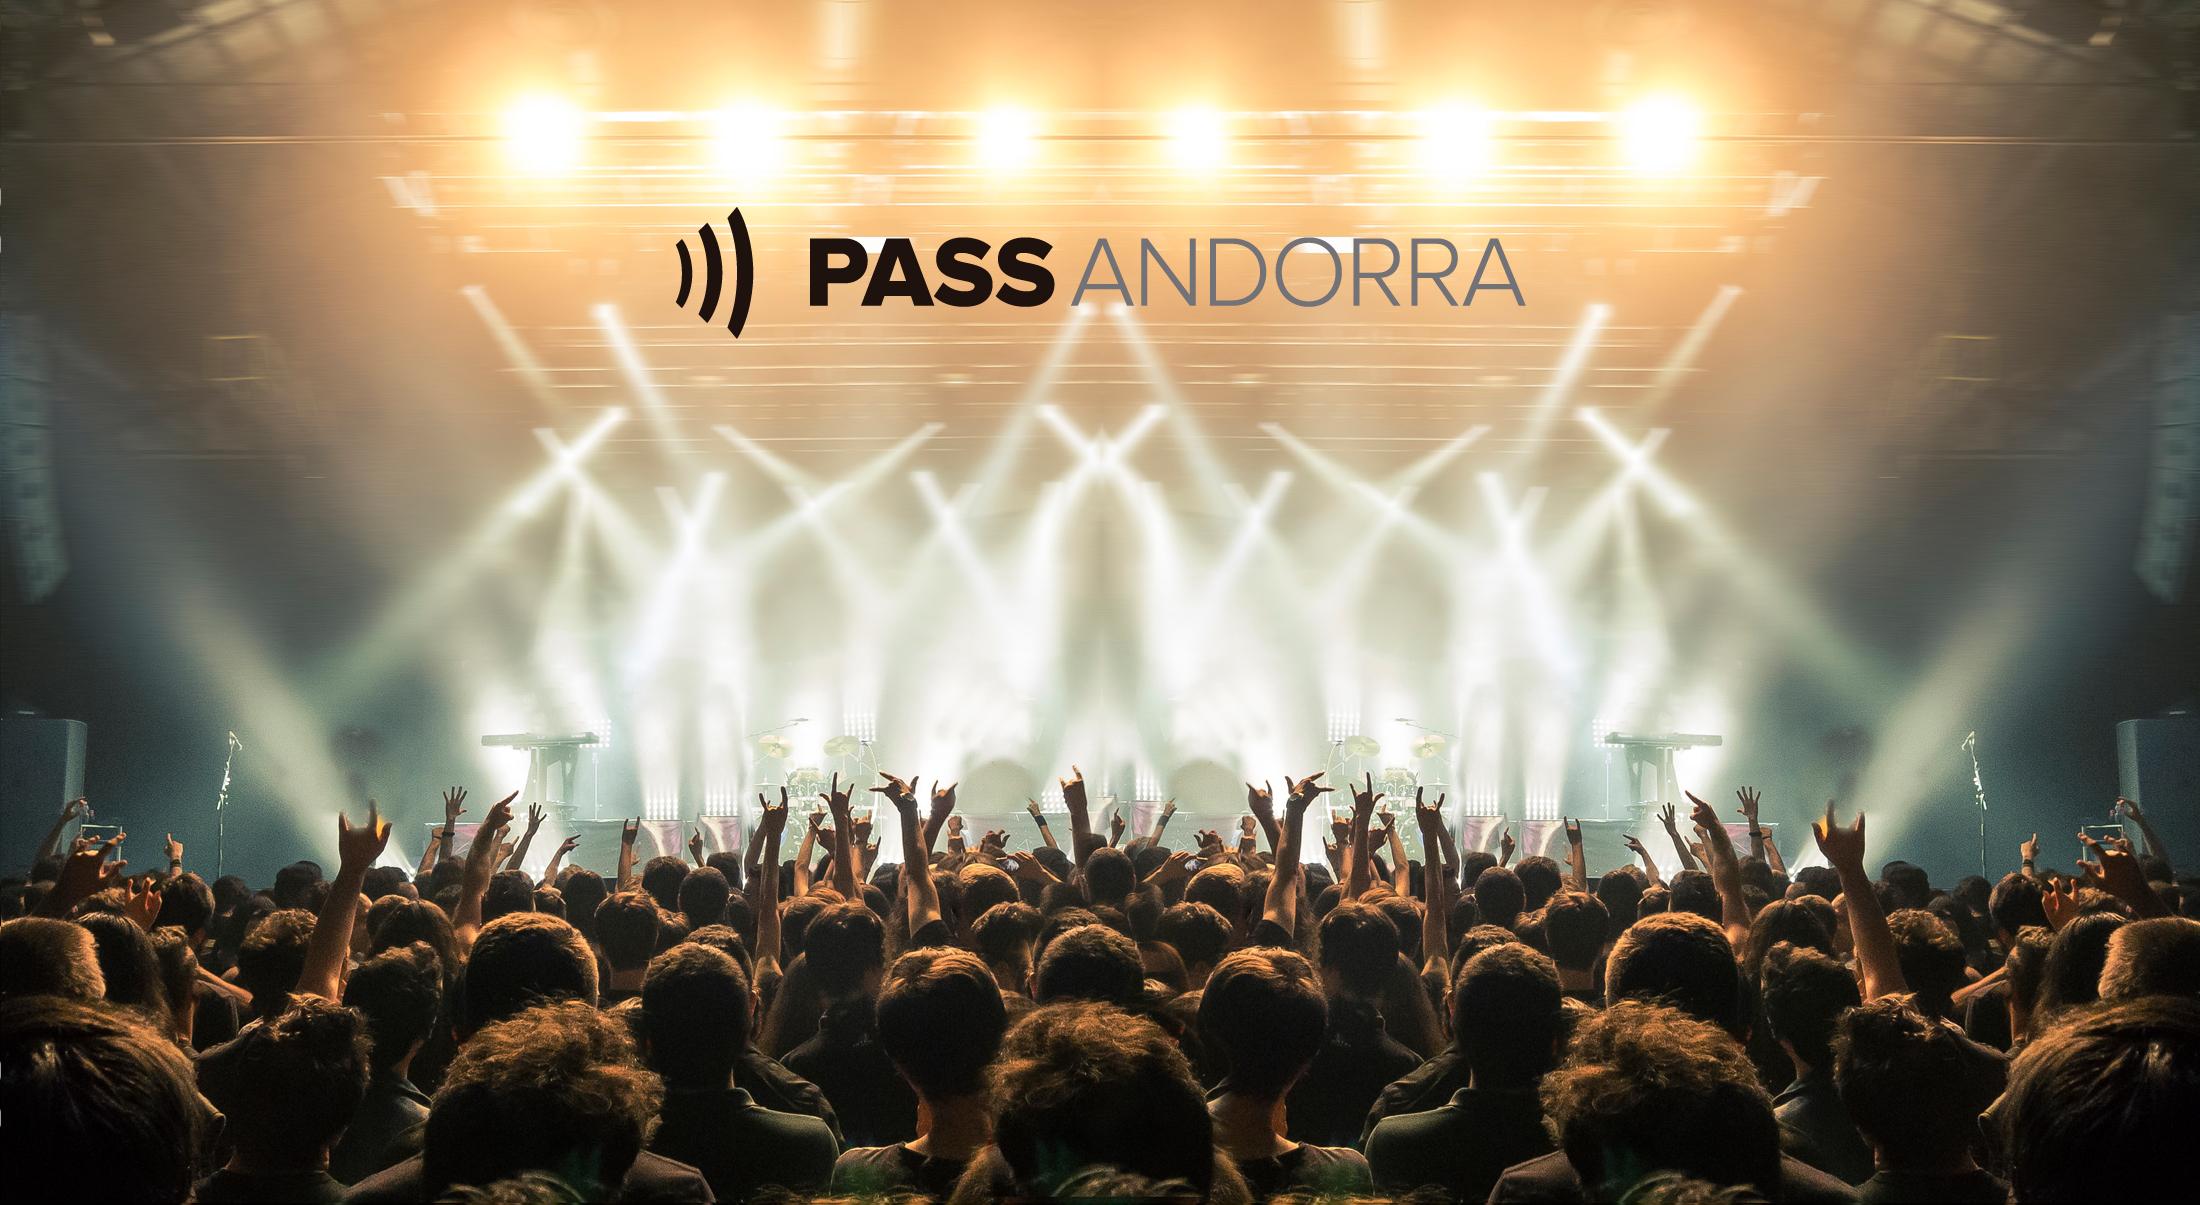 Serveis en relacions publiques i esdeveniments a Andorra